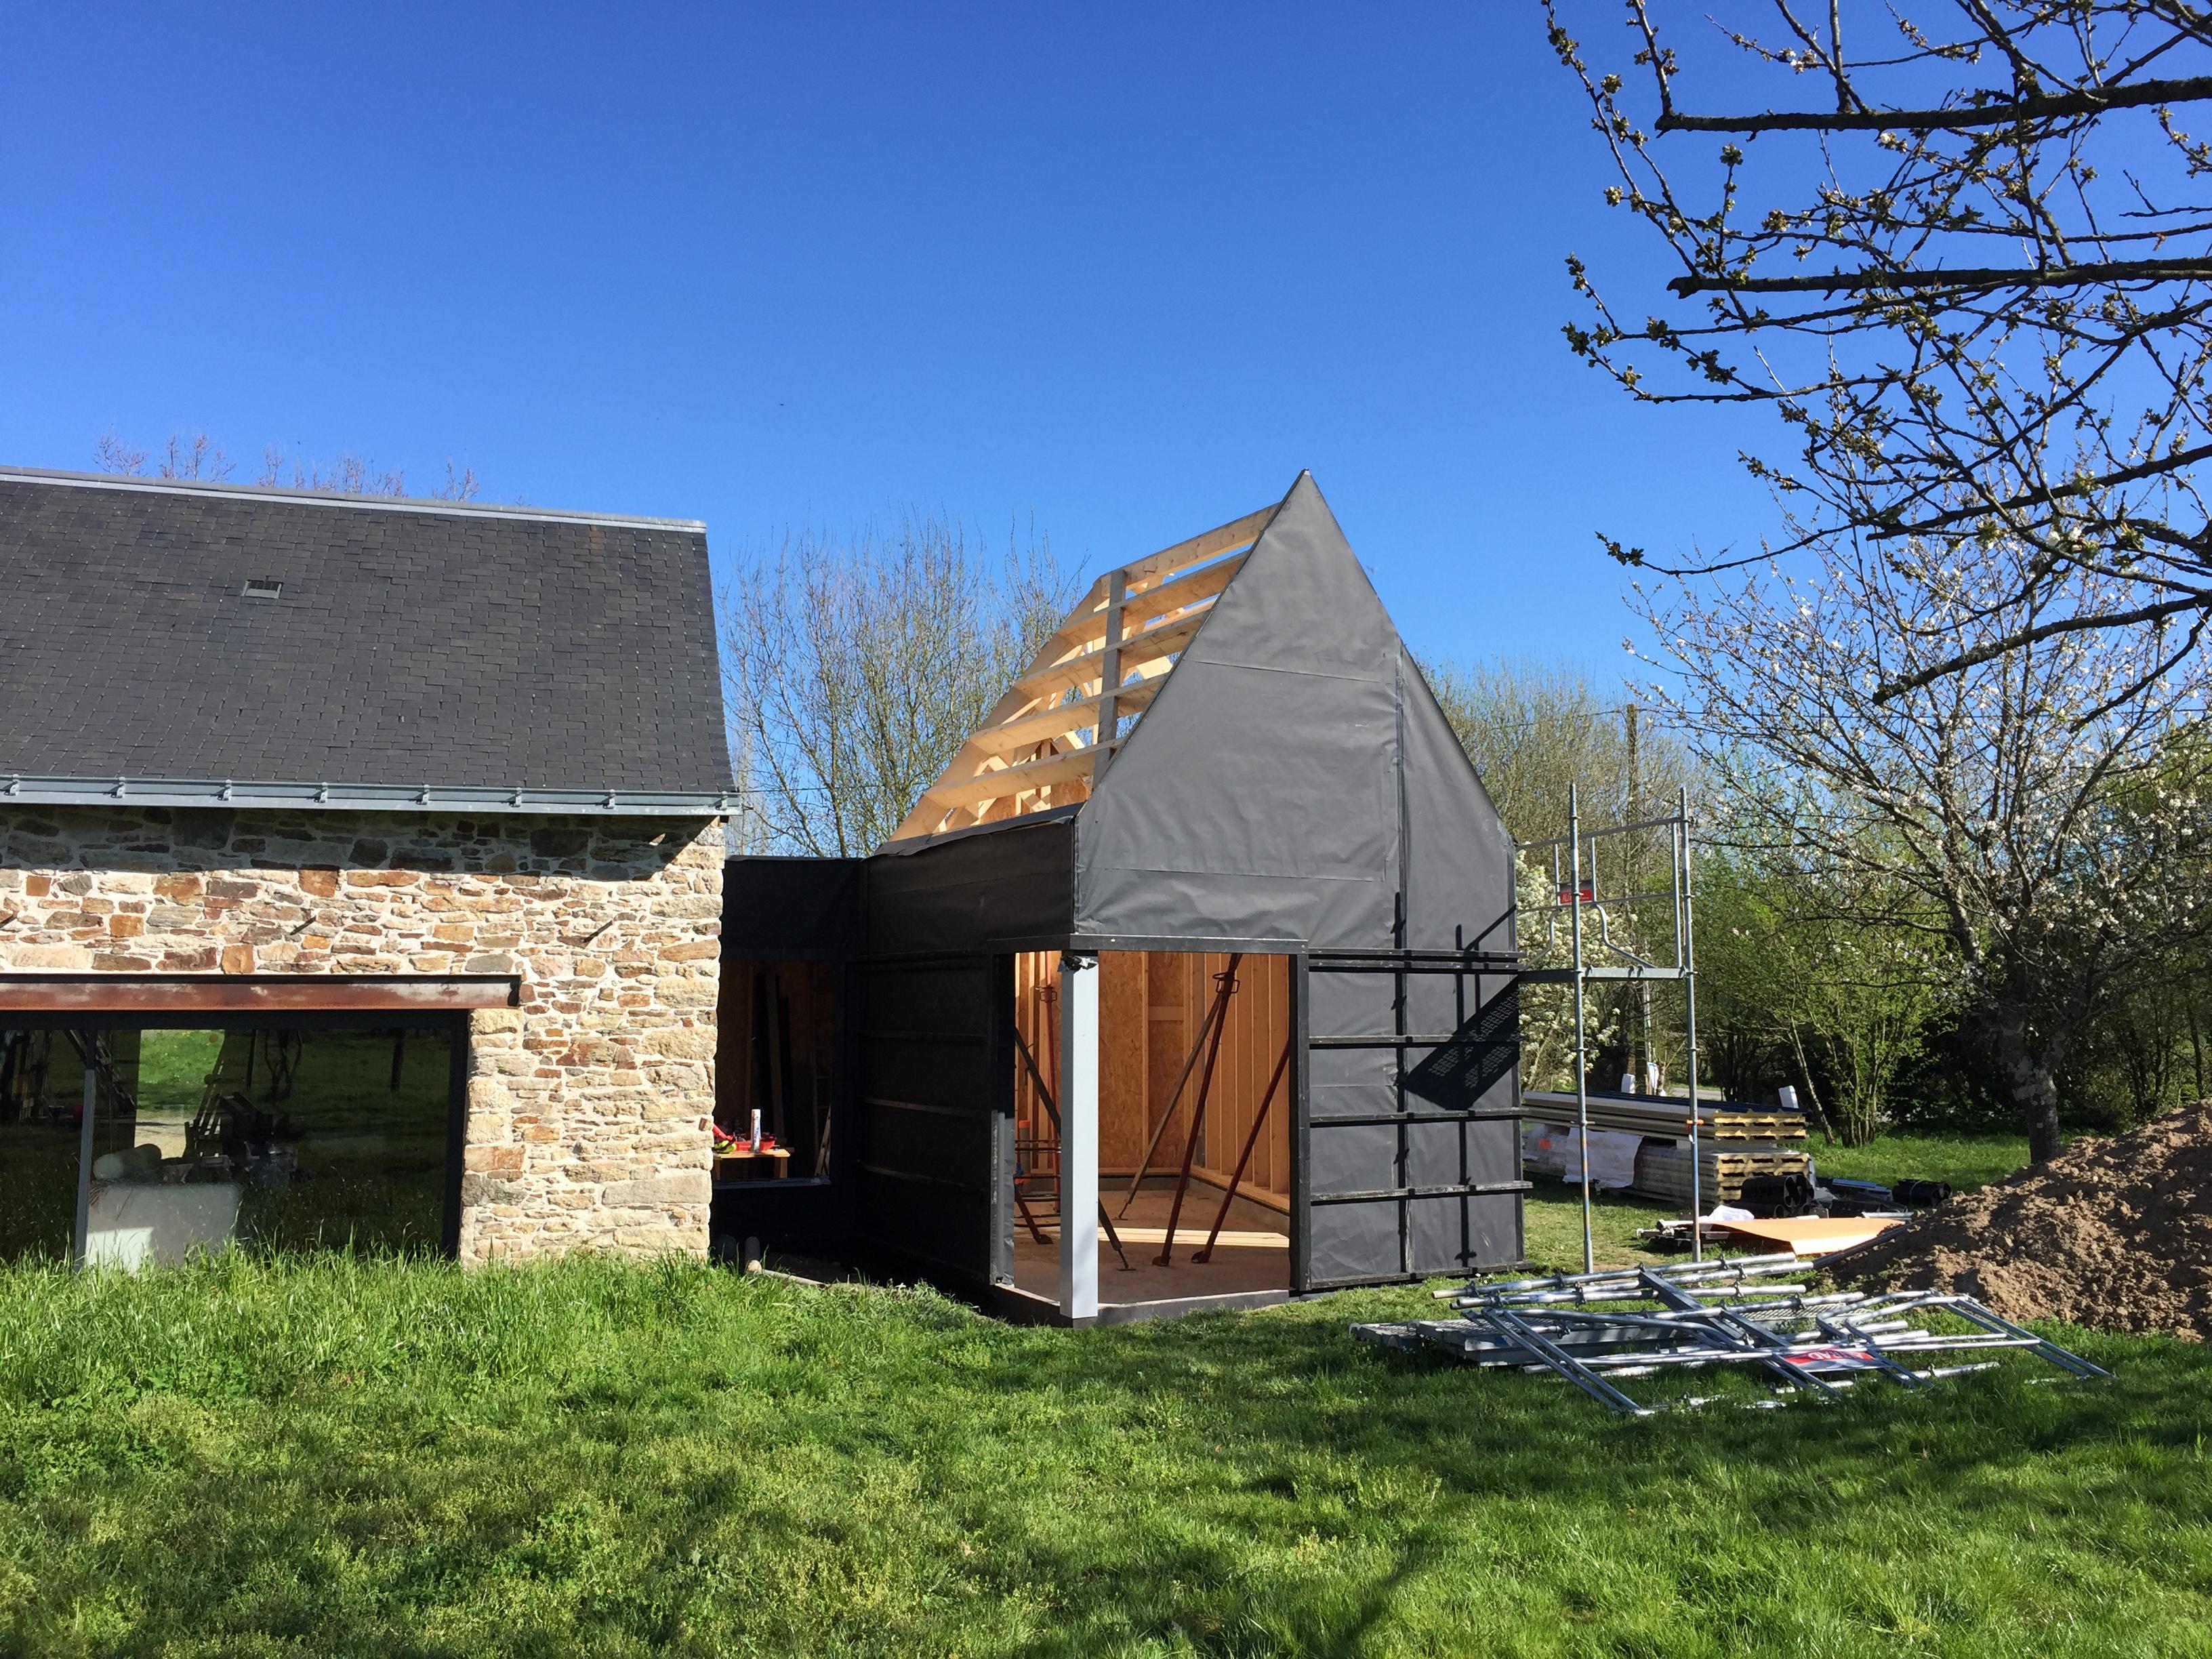 ext-chauvin-st-etienne-de-montluc-2017-03-27-11-17-36